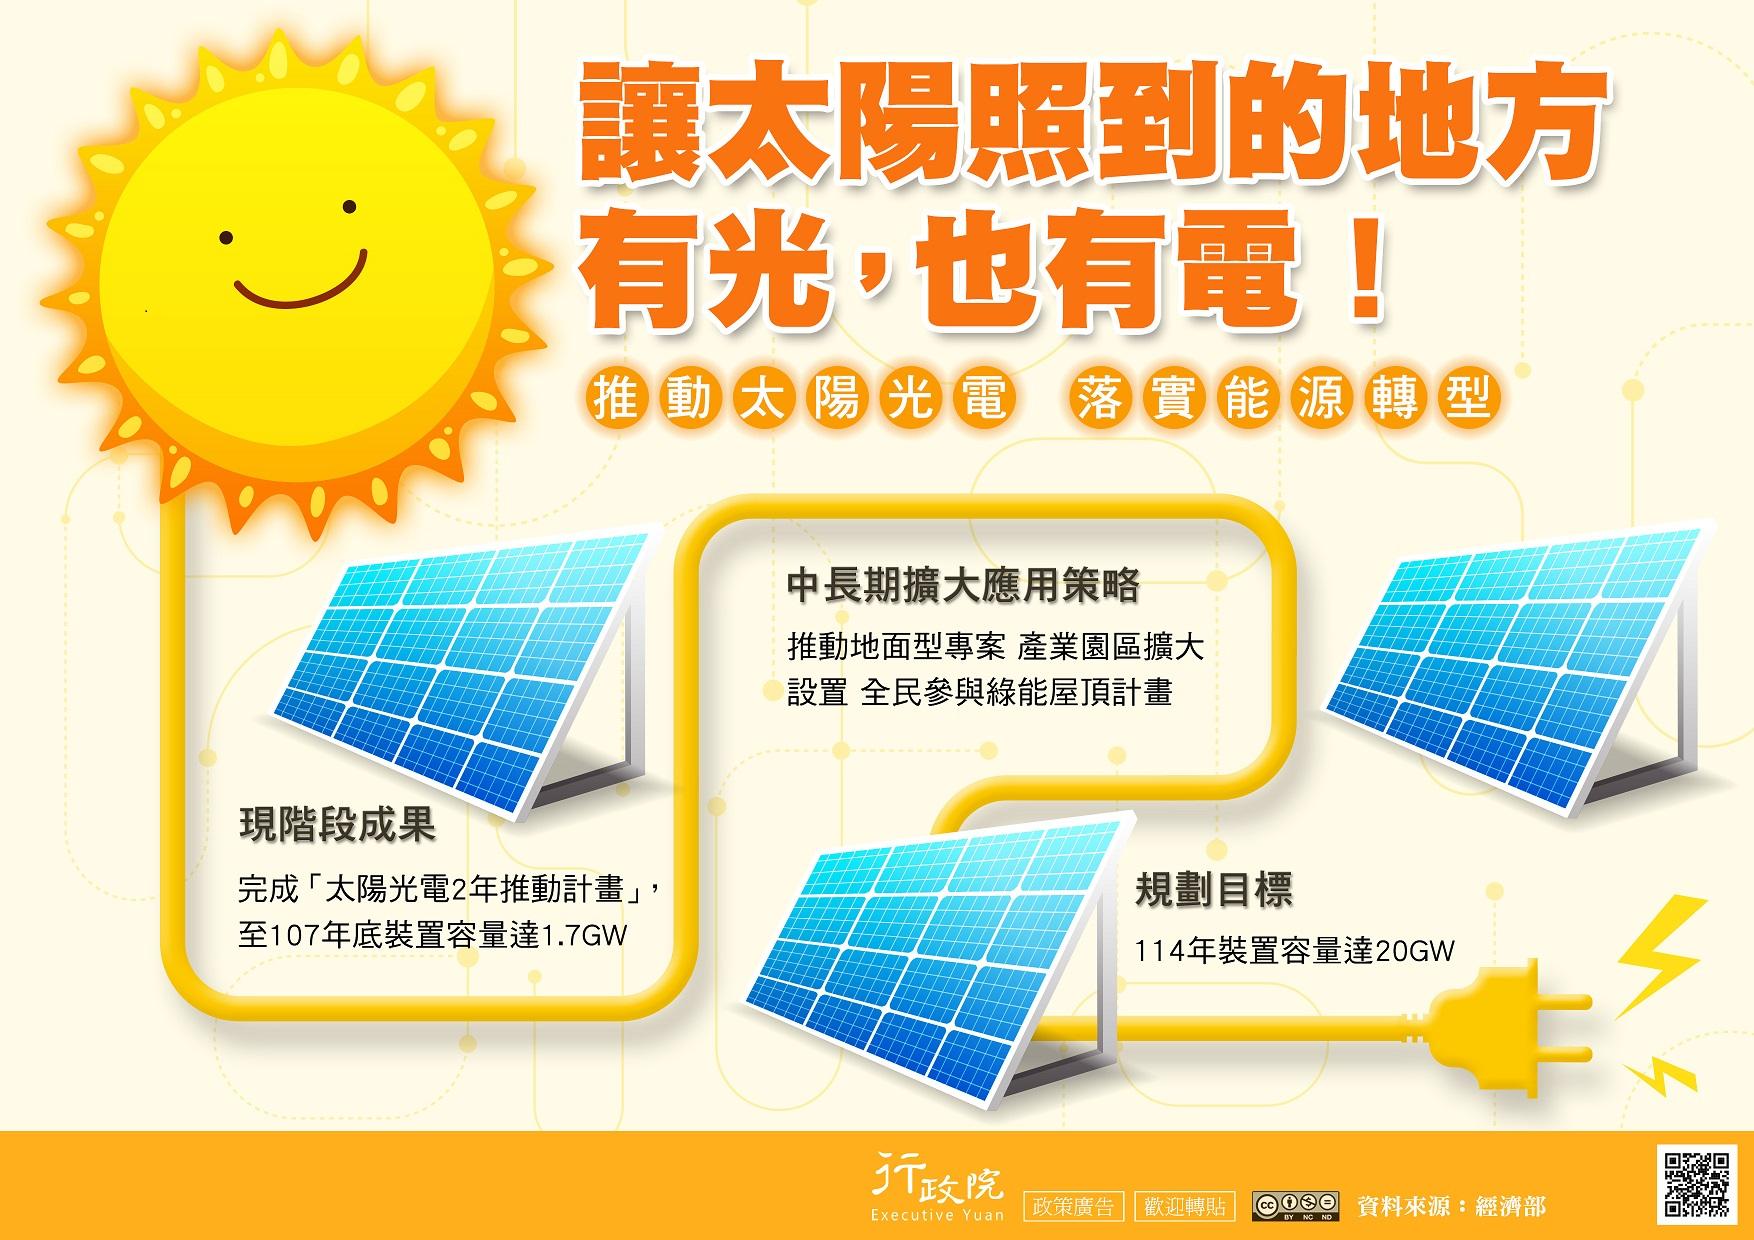 推動太陽光電計畫.jpg